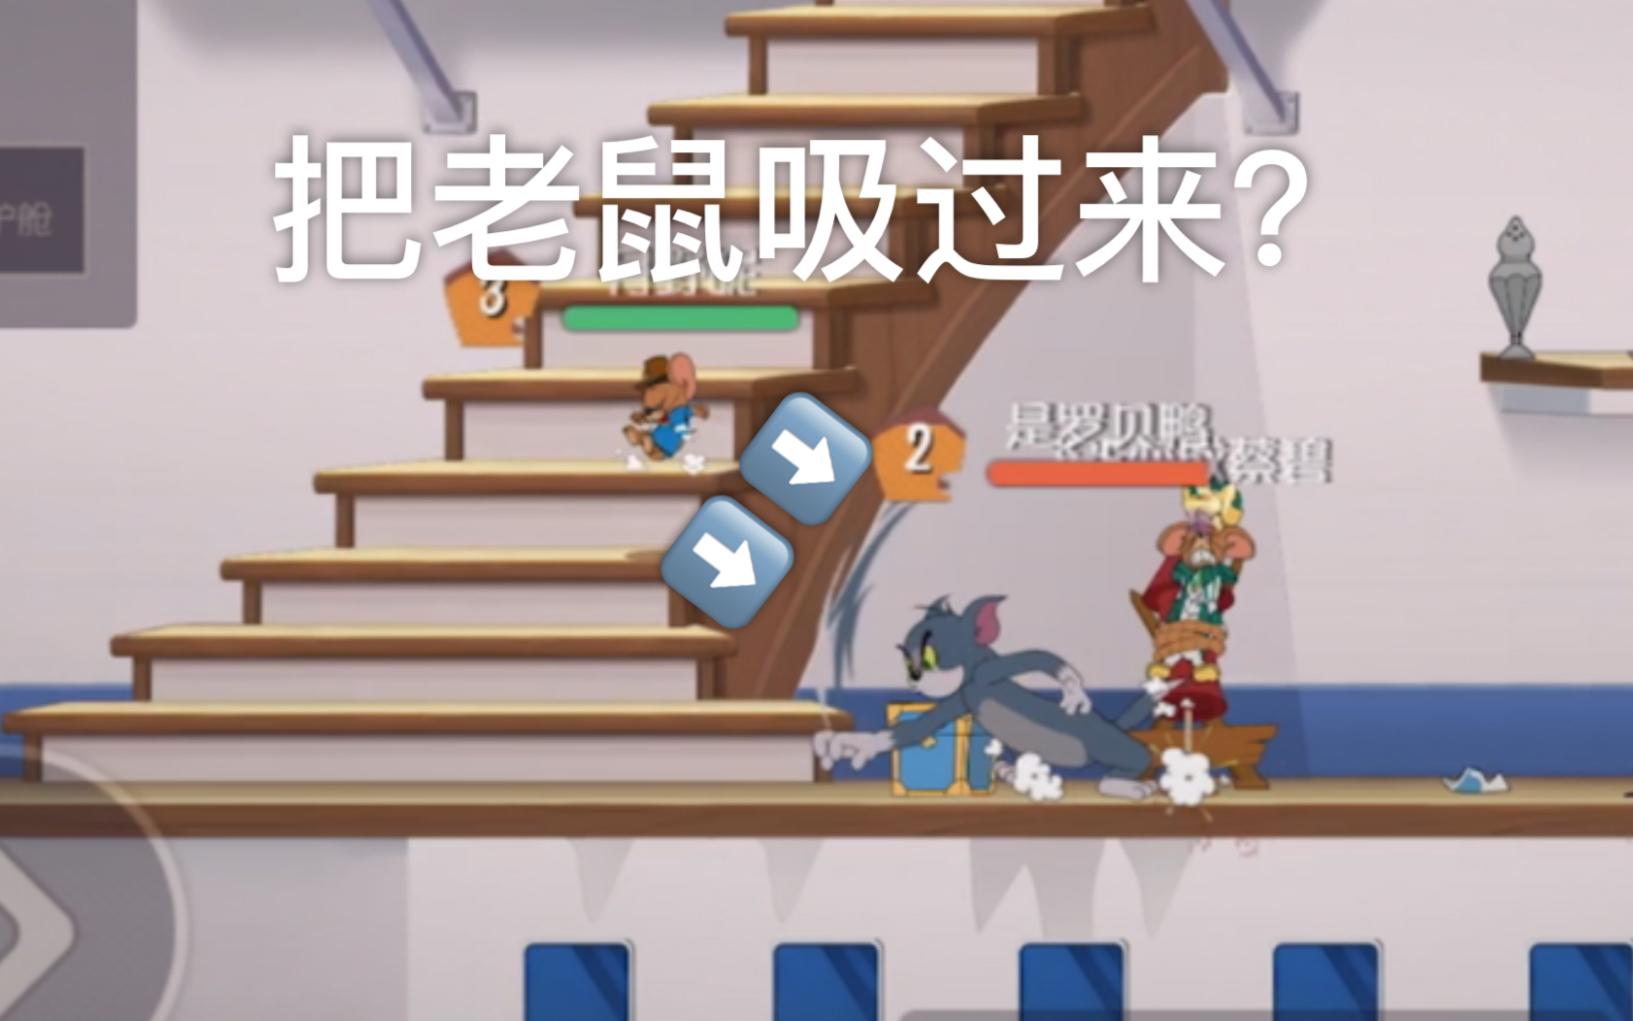 隐藏机制:空刀可以把老鼠吸过来?